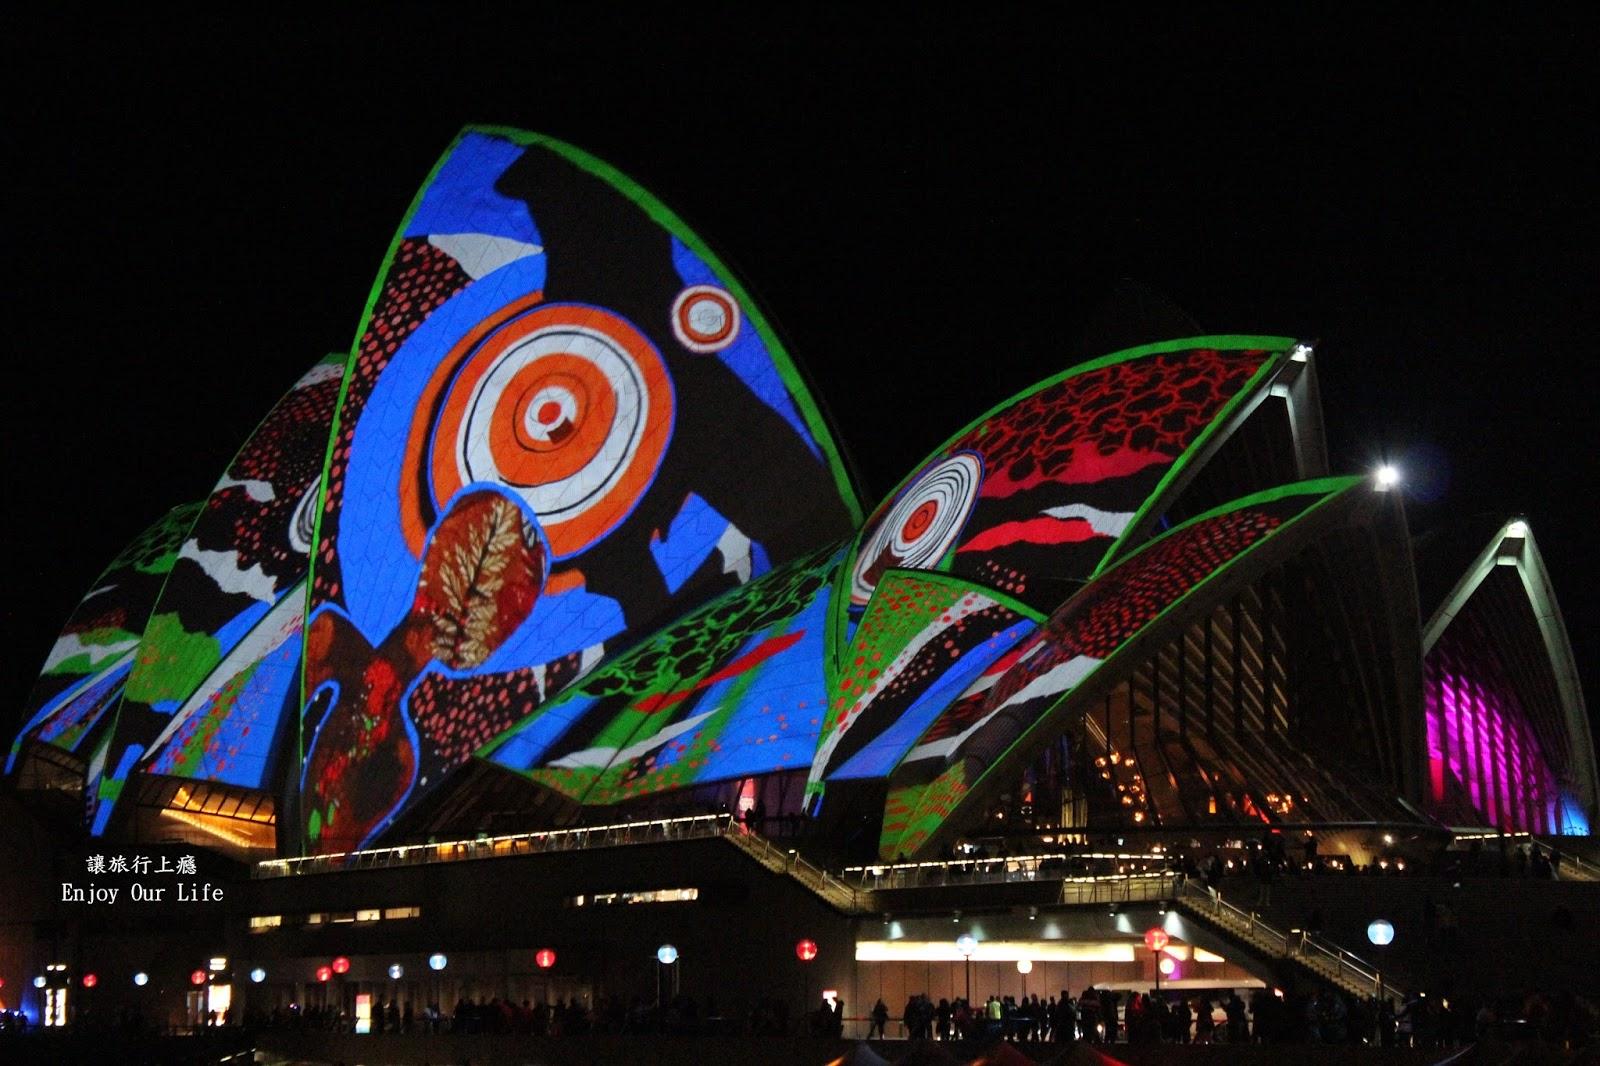 讓旅行上癮: 【澳洲雪梨燈光藝術節】一年一度的南半球最美夜景